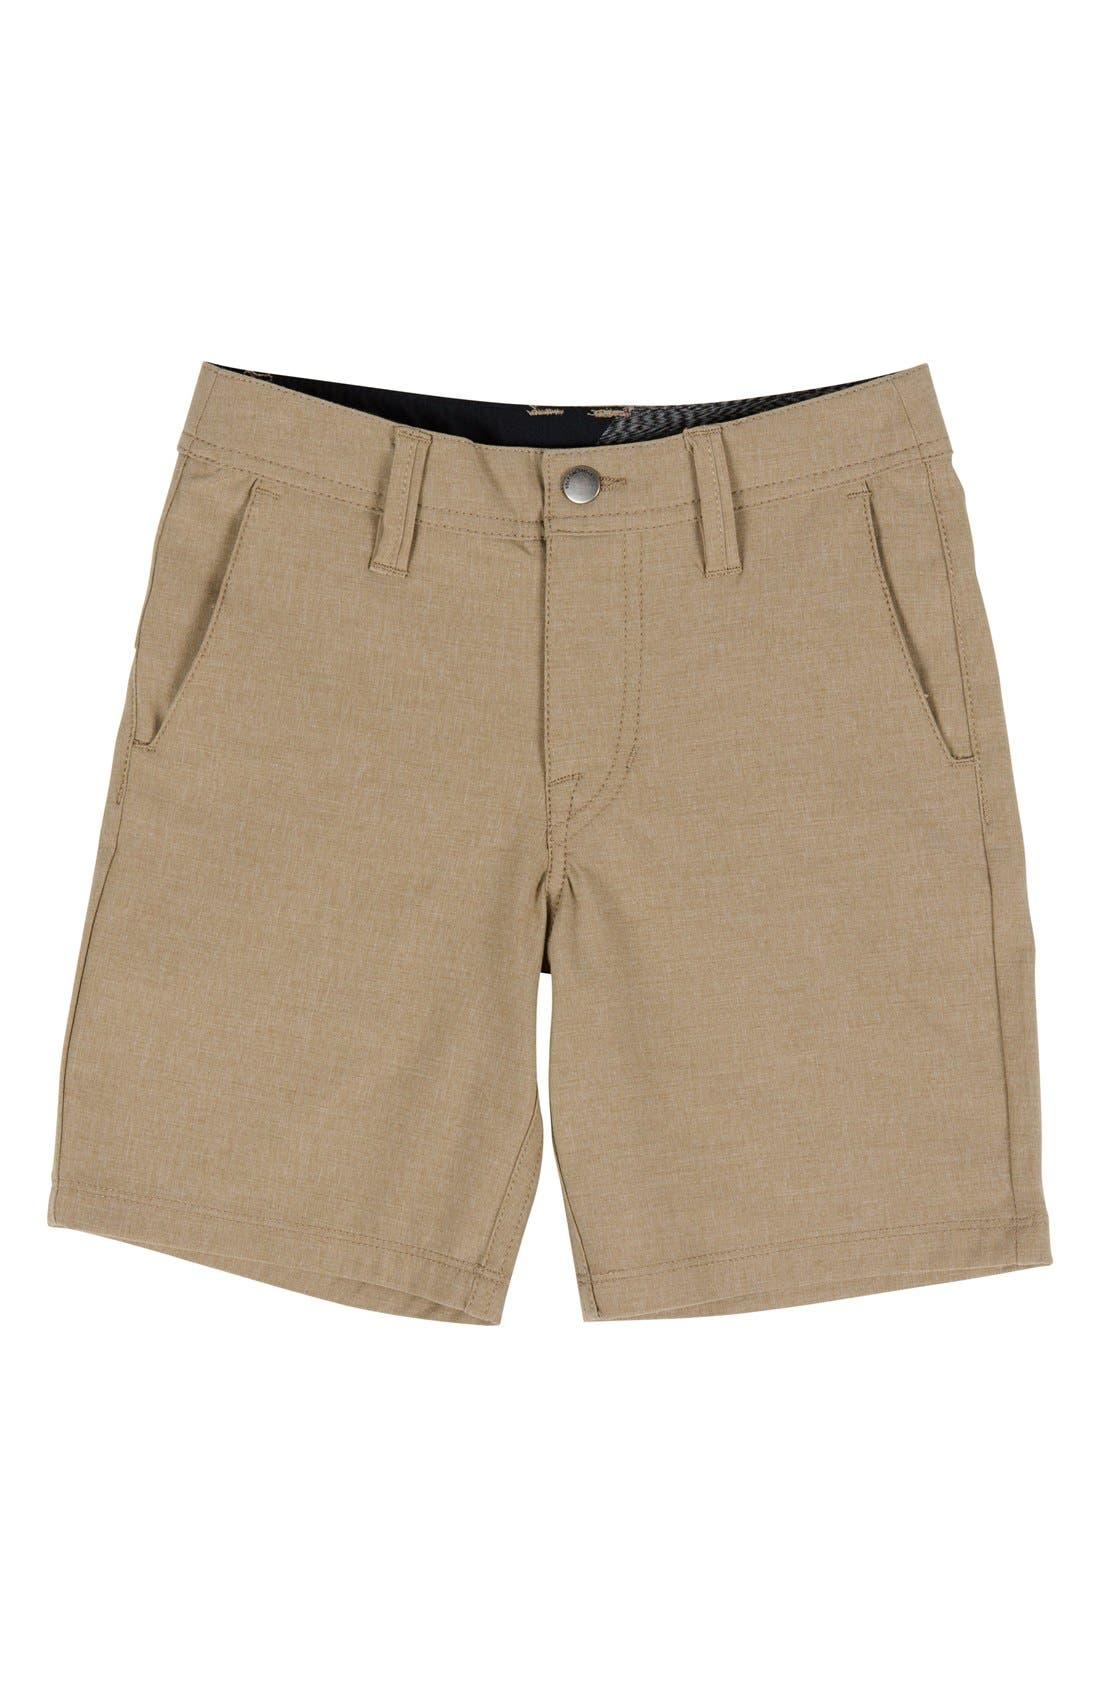 Surf N' Turf Static Hybrid Shorts,                         Main,                         color, Khaki Dark